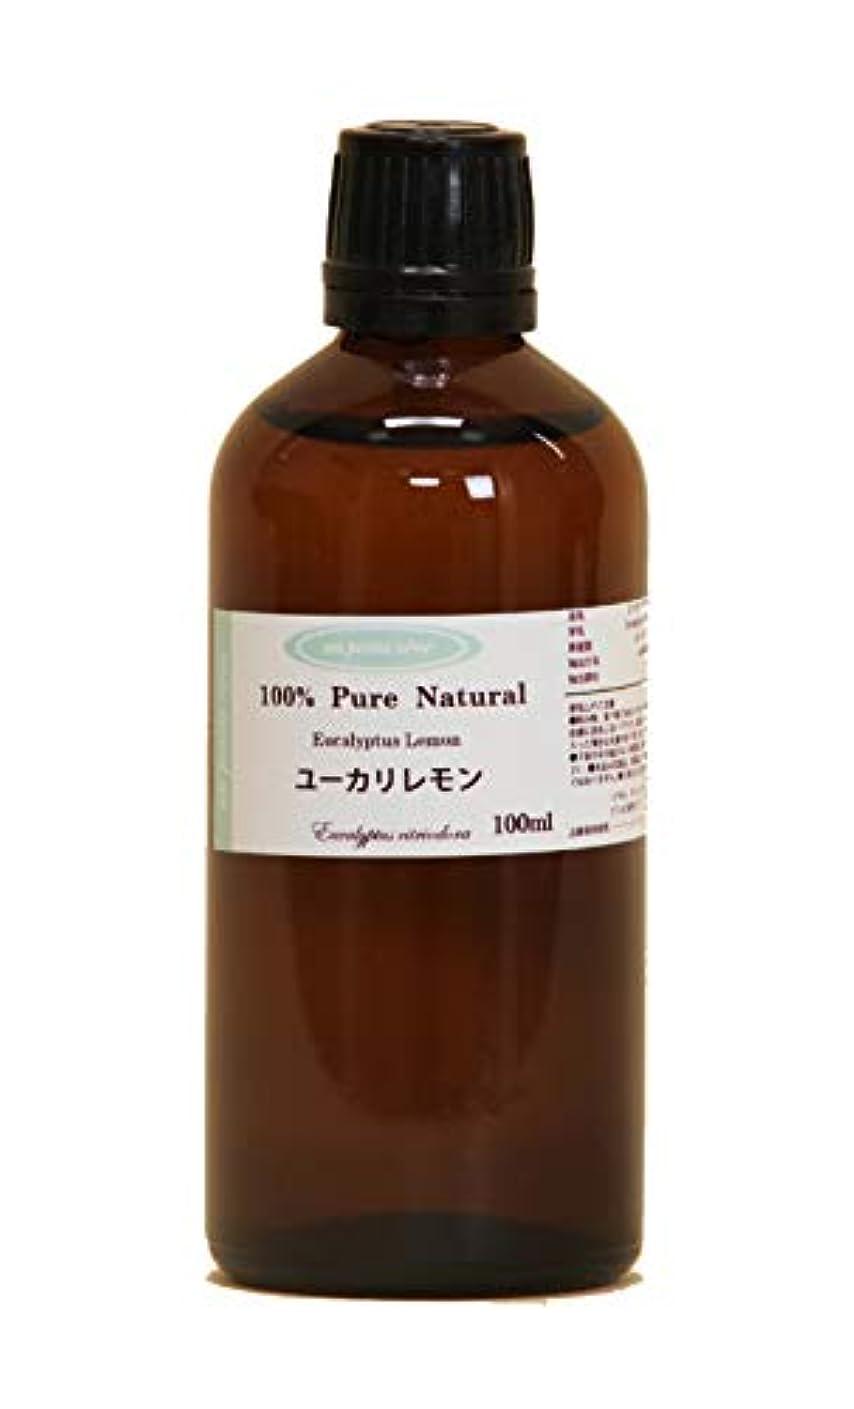 ライド包帯勇敢なユーカリレモン 100ml 100%天然アロマエッセンシャルオイル(精油)